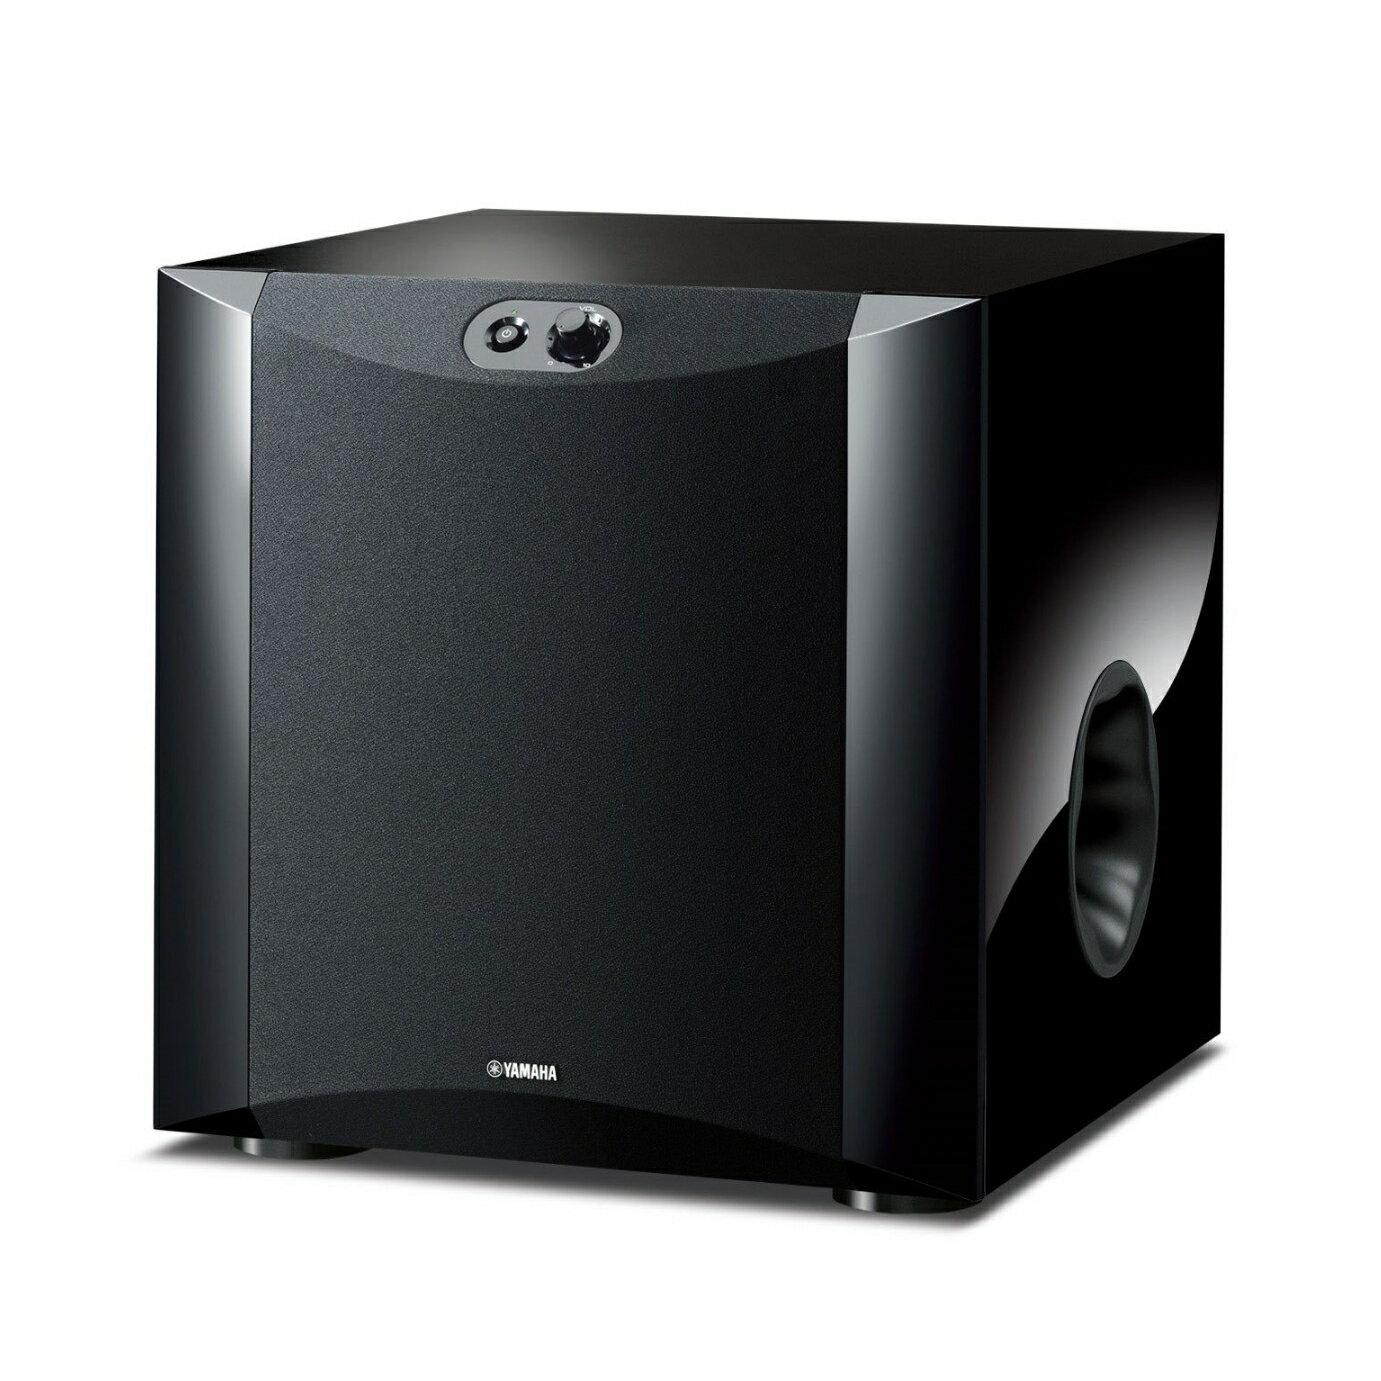 <br/><br/>  YAMAHA 超重低音喇叭 NS-SW300PB<br/><br/>